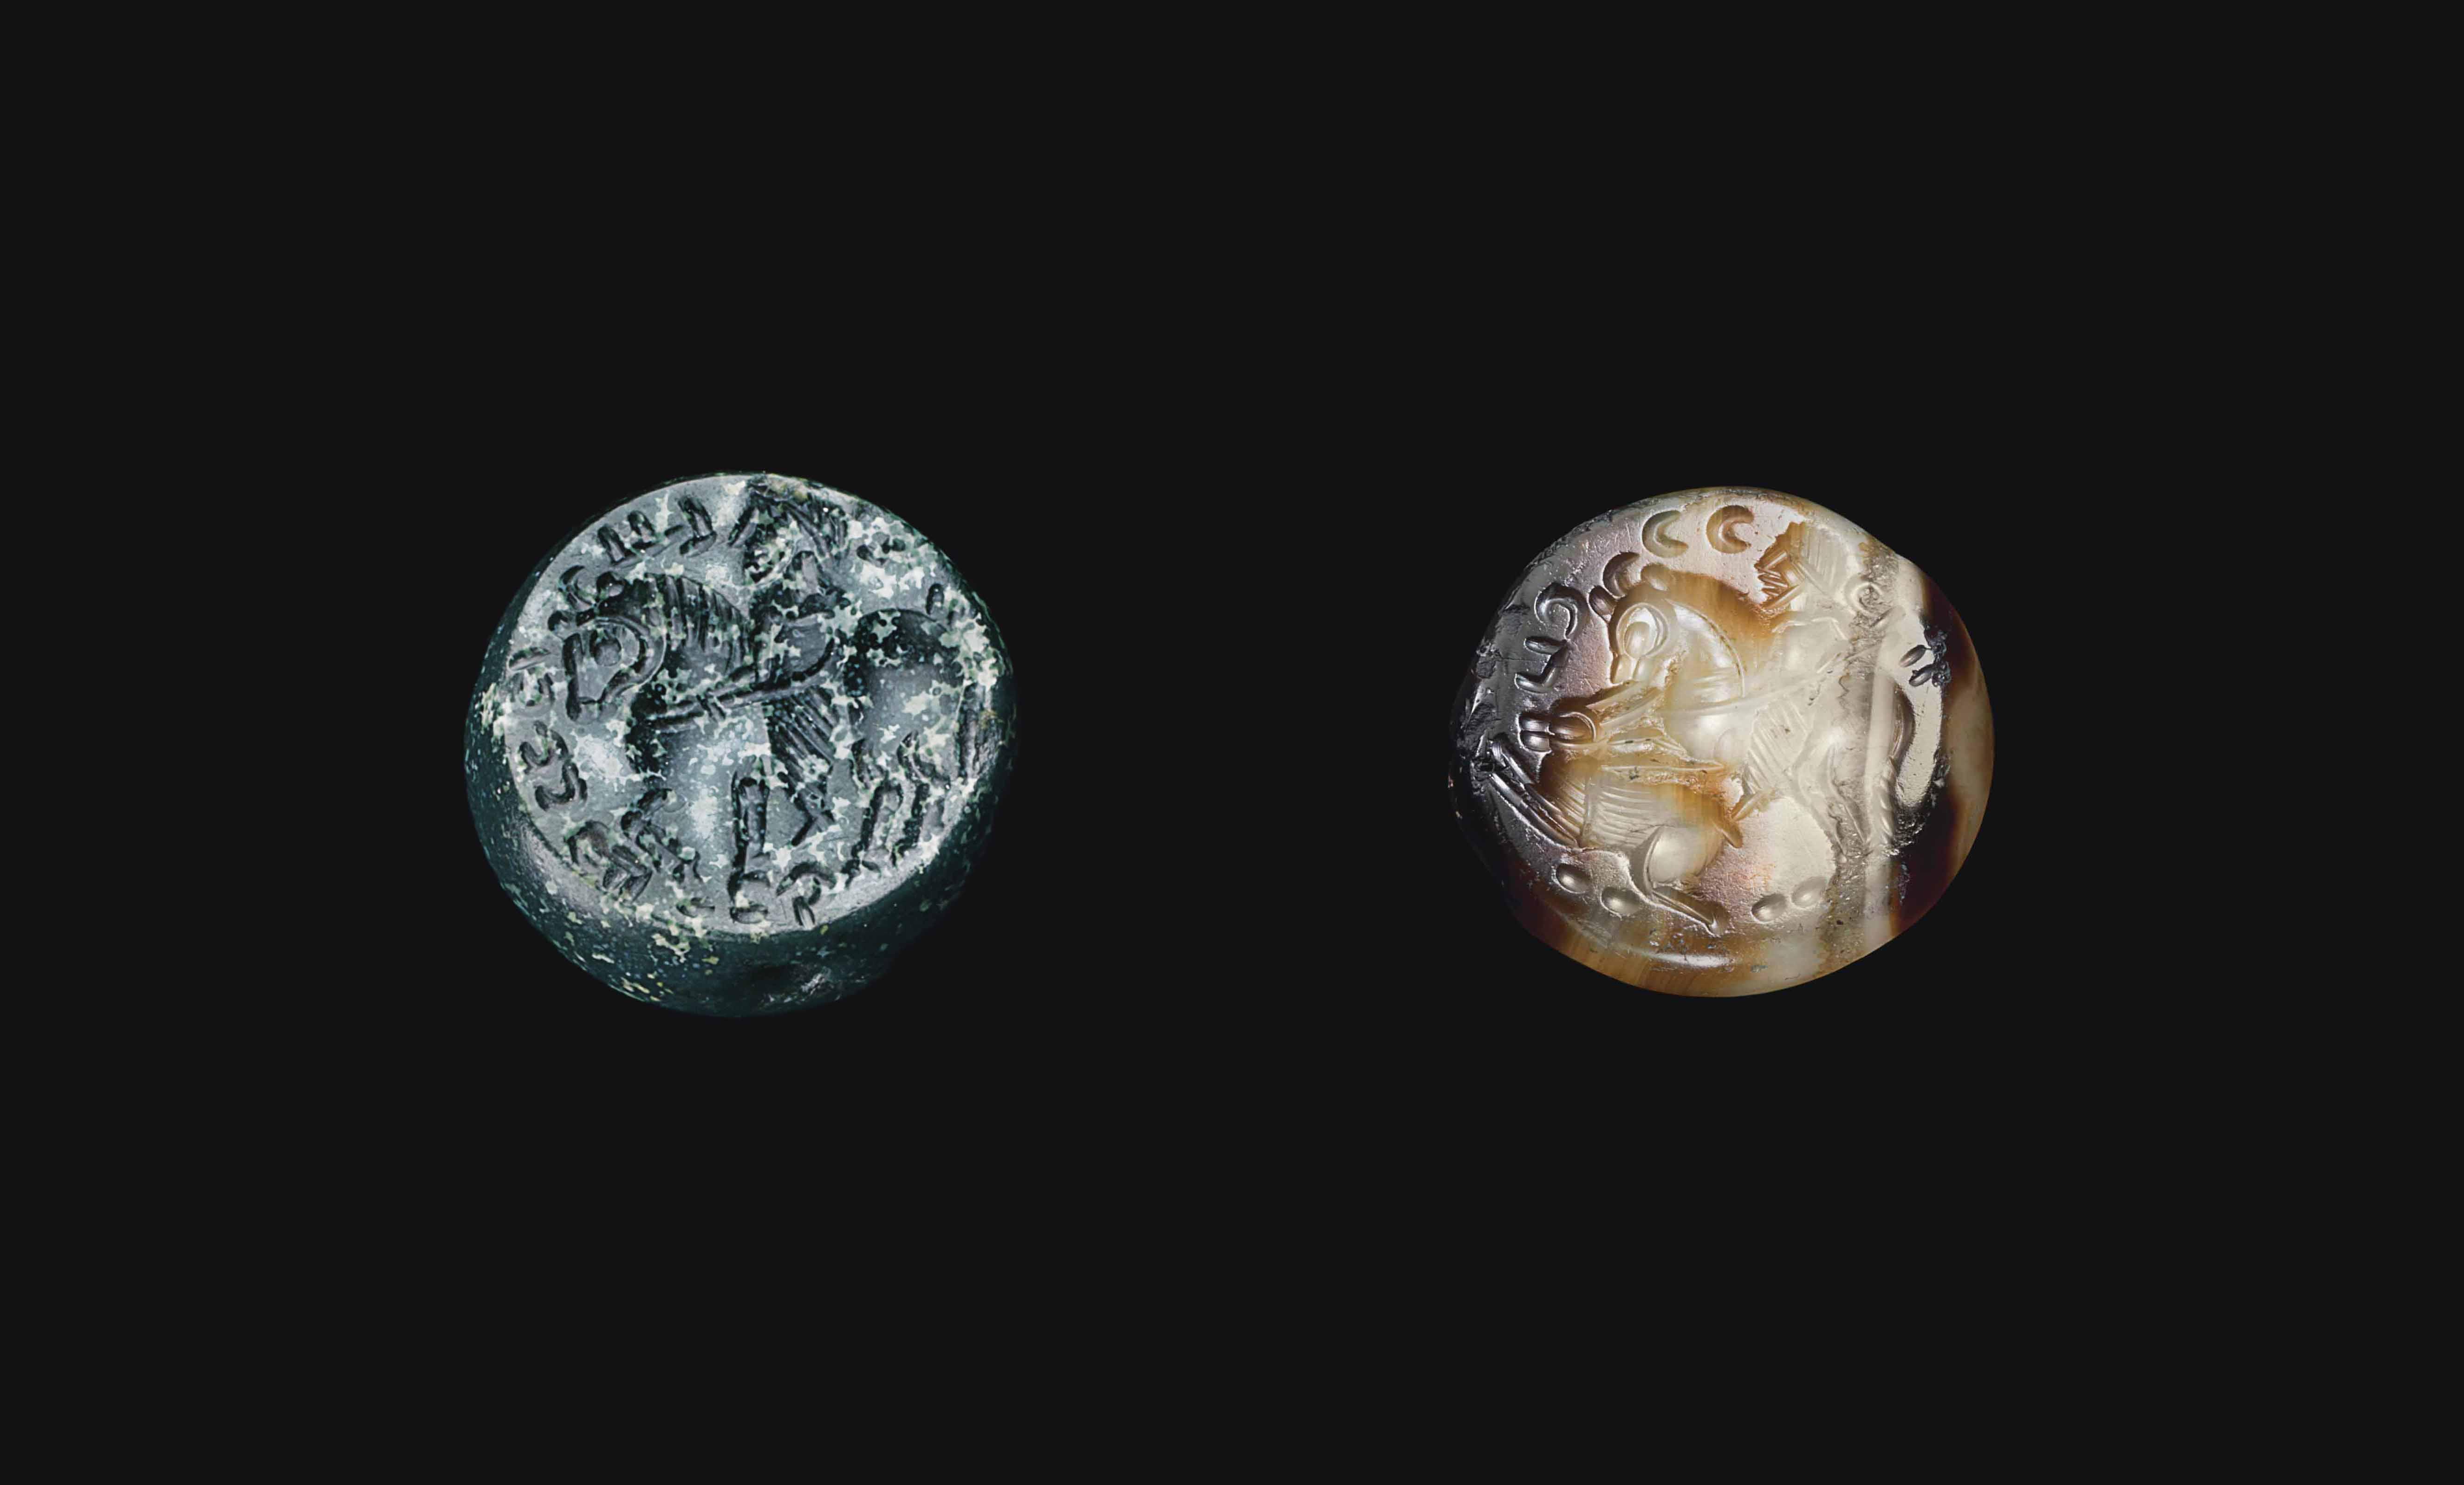 TWO SASANIAN STONE SEALS